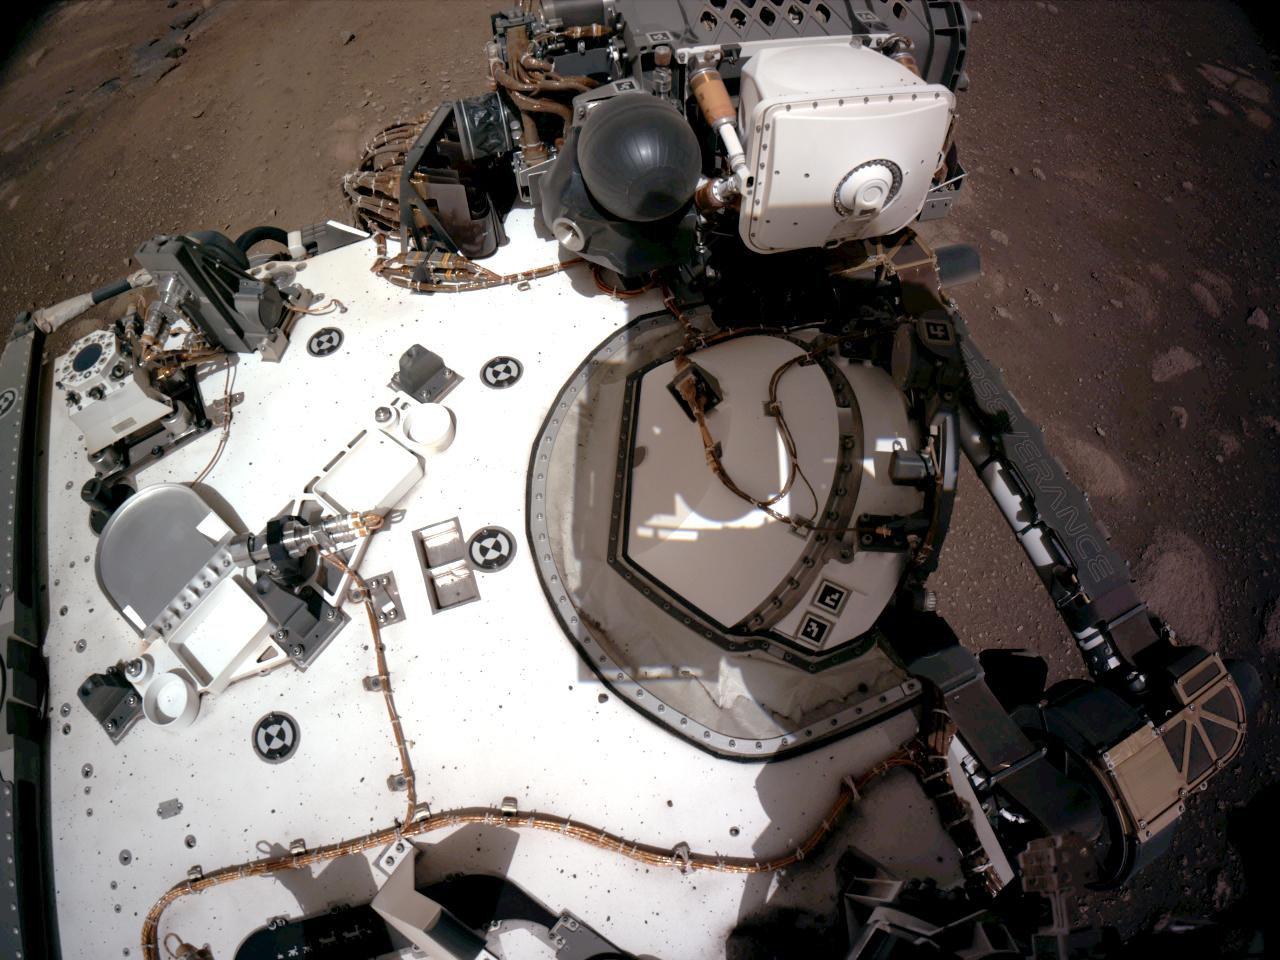 """La NASA proporcionará información actualizada sobre las """"primicias"""" de Perseverance desde su aterrizaje en Marte."""